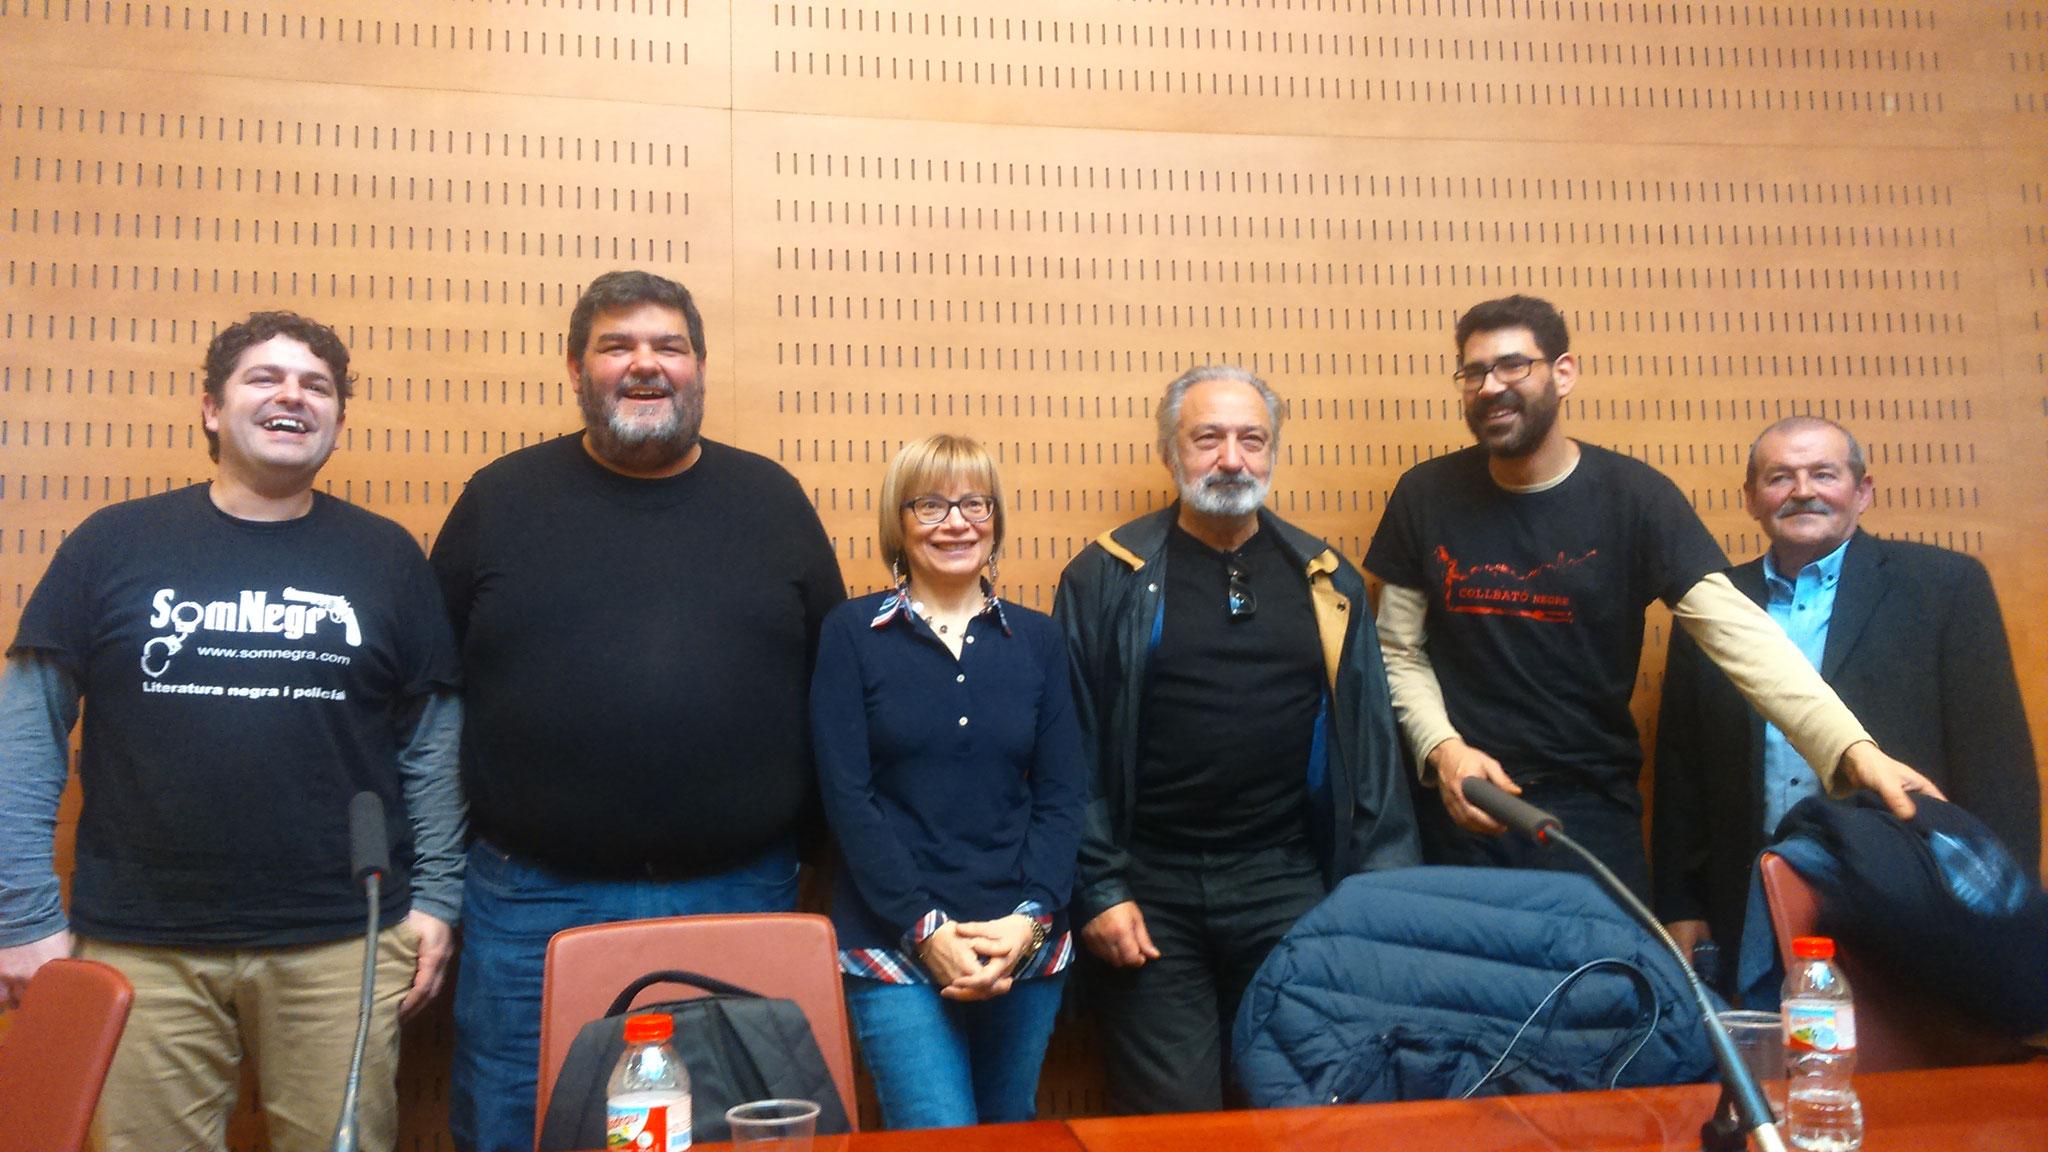 D'esquerra a dreta: Díaz, Bennasar, Sanjuan, Muñoz, Ledesma i Tiñena